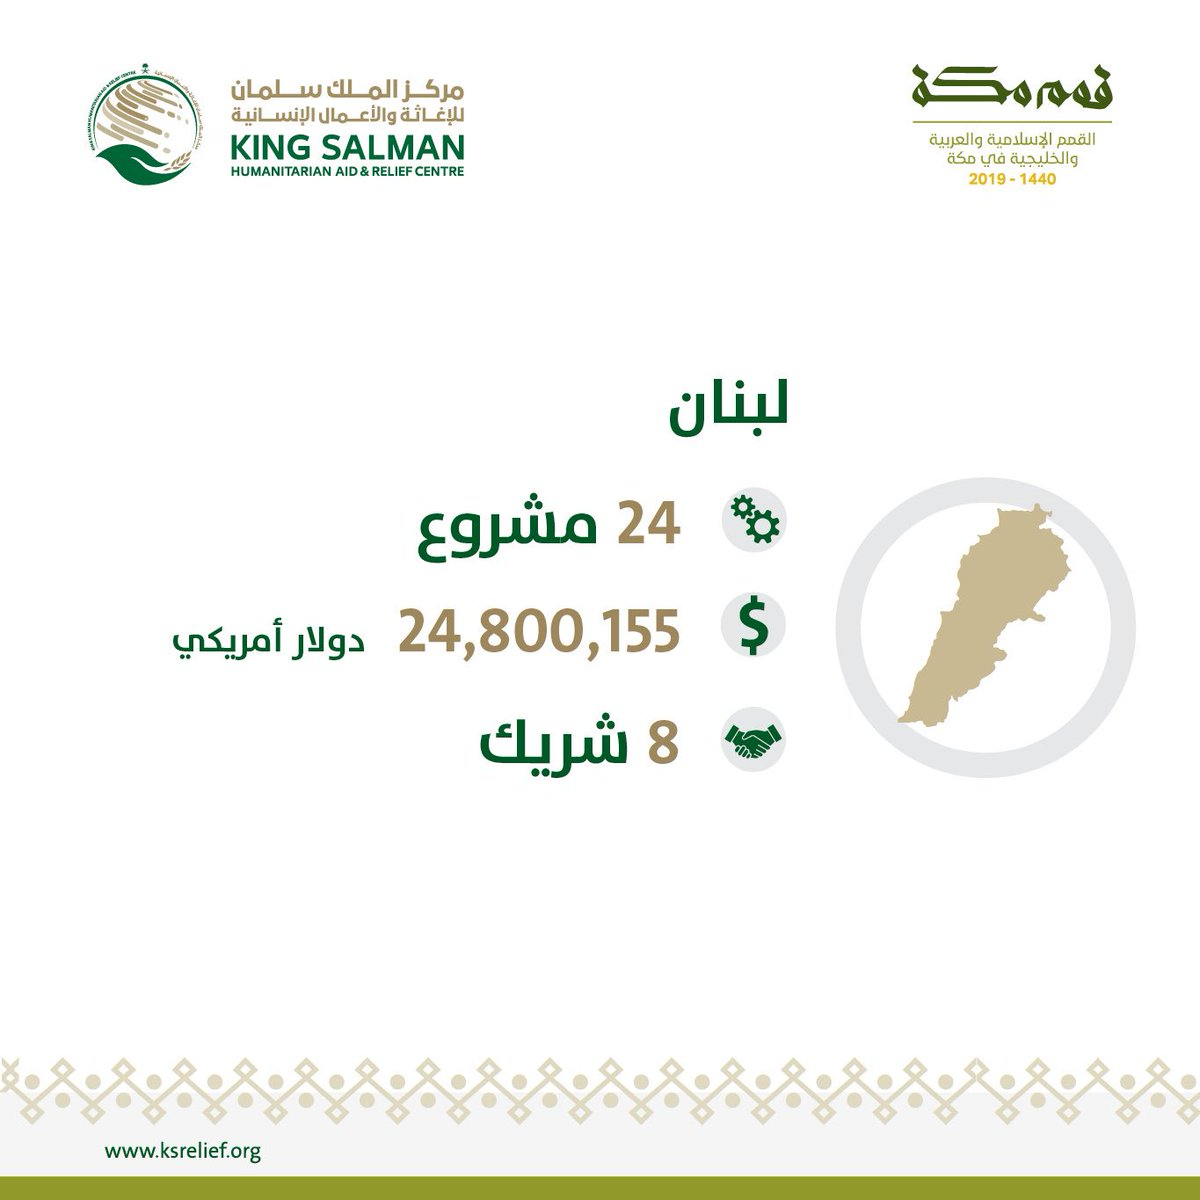 مركز الملك سلمان للإغاثة V Twitter قمم مكة